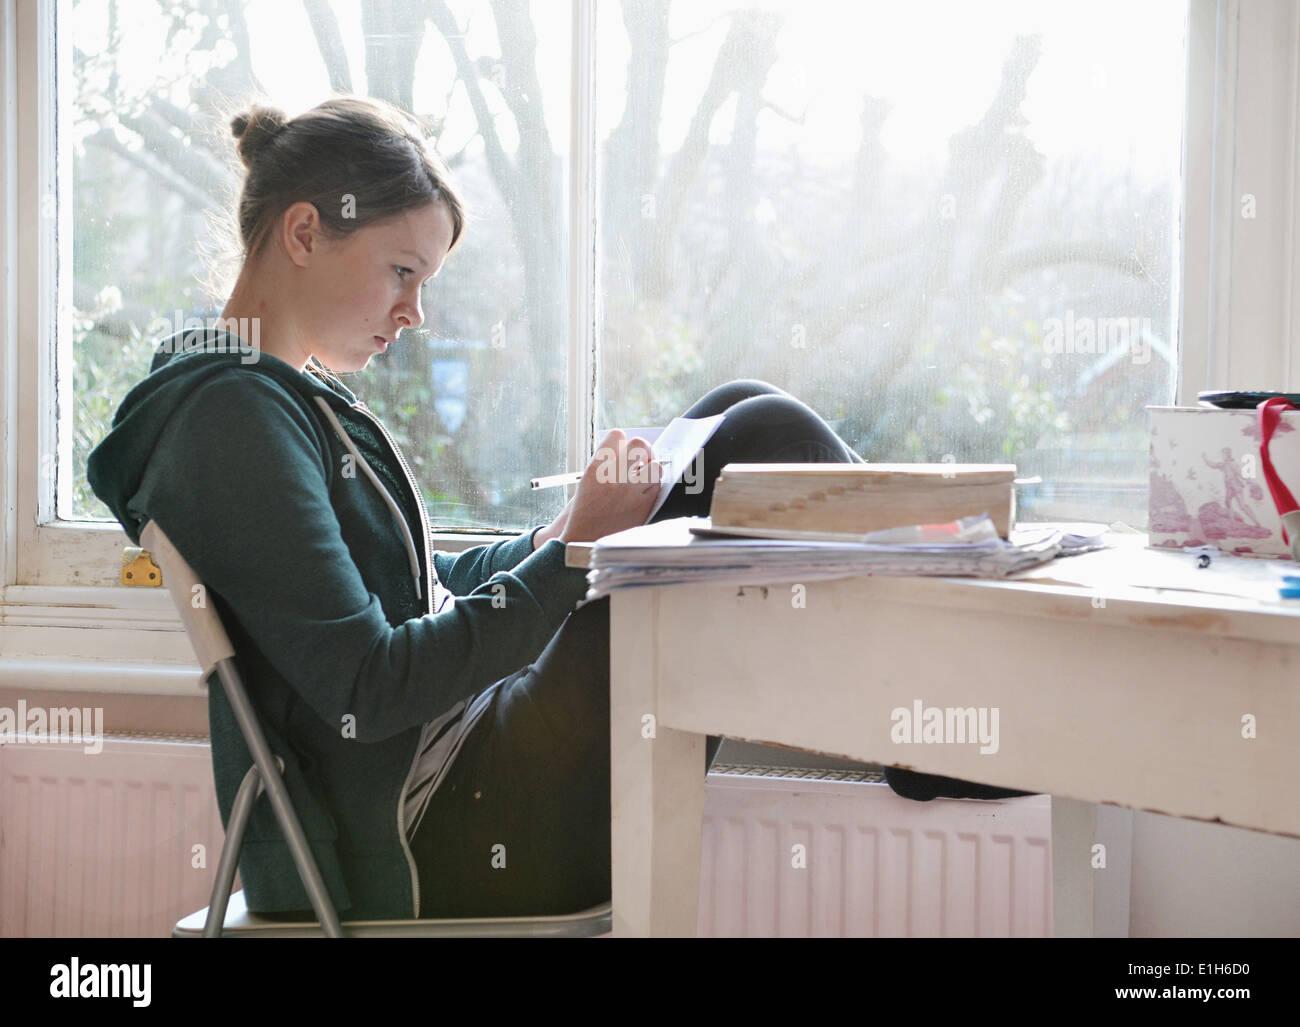 Seize ans, fille, l'étude et la rédaction de notes à côté de fenêtre Banque D'Images